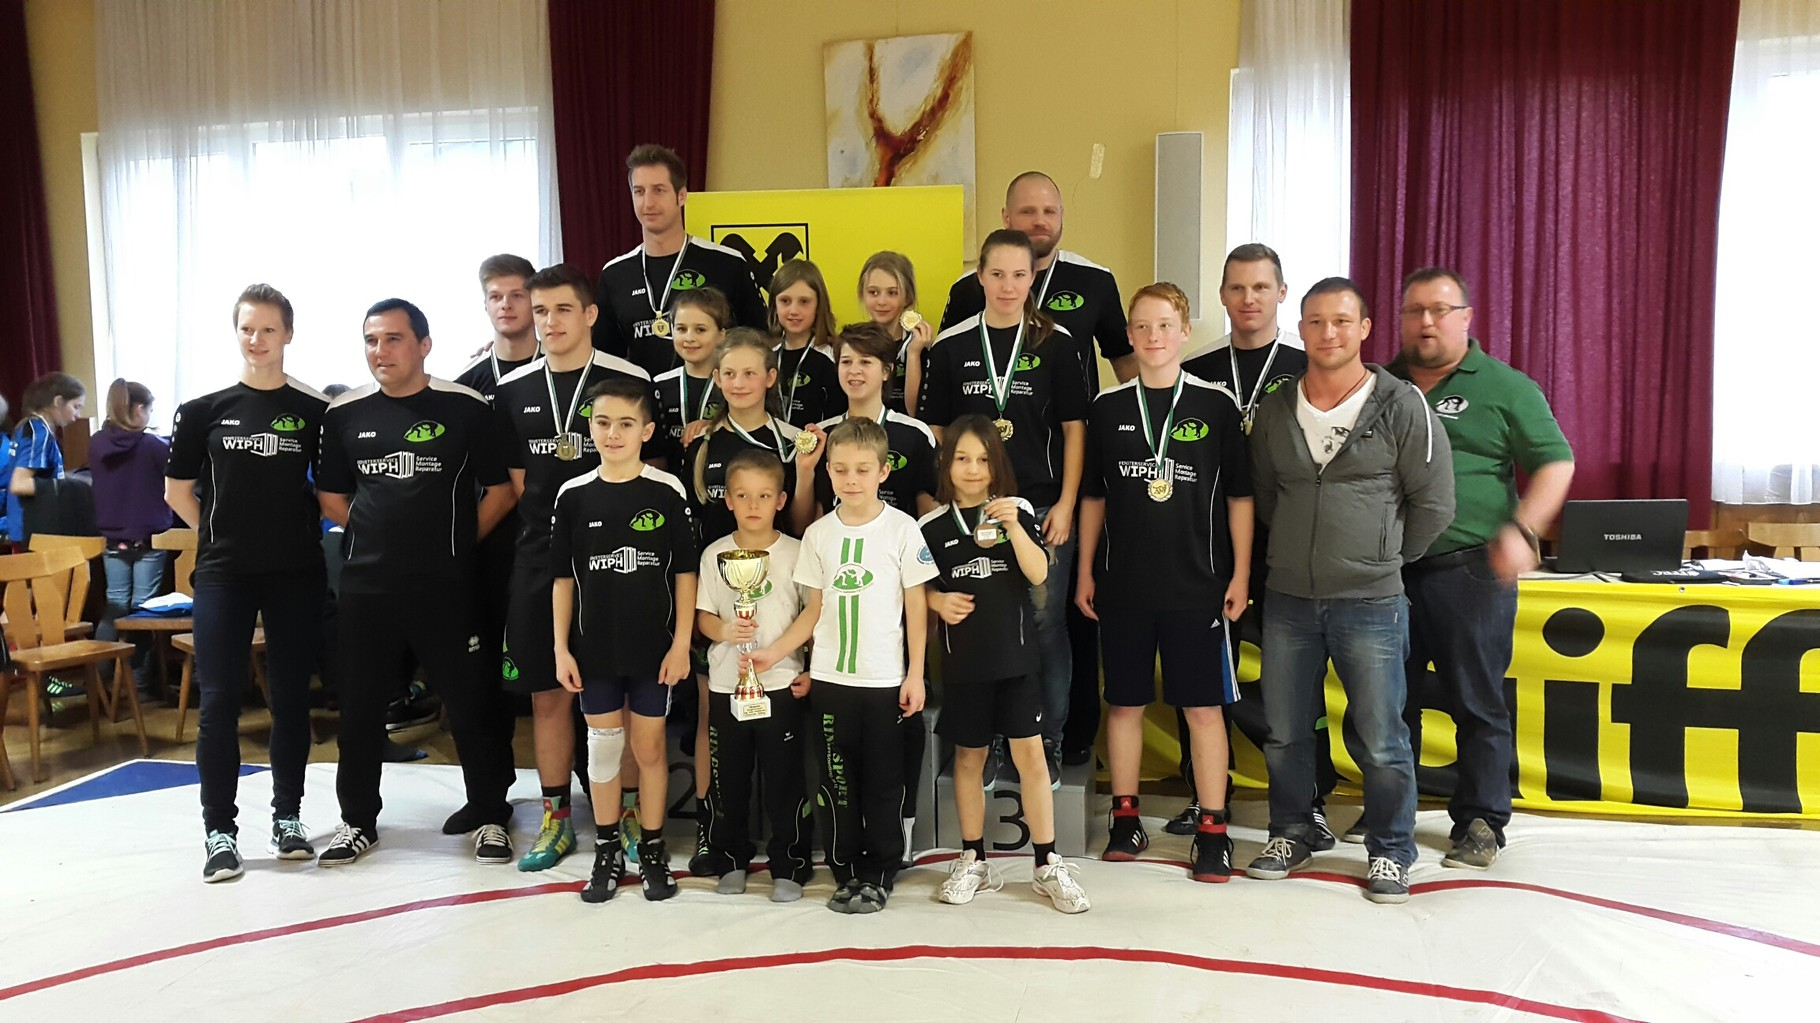 Steirische Meisterschaft 28.2.2015 in Söding